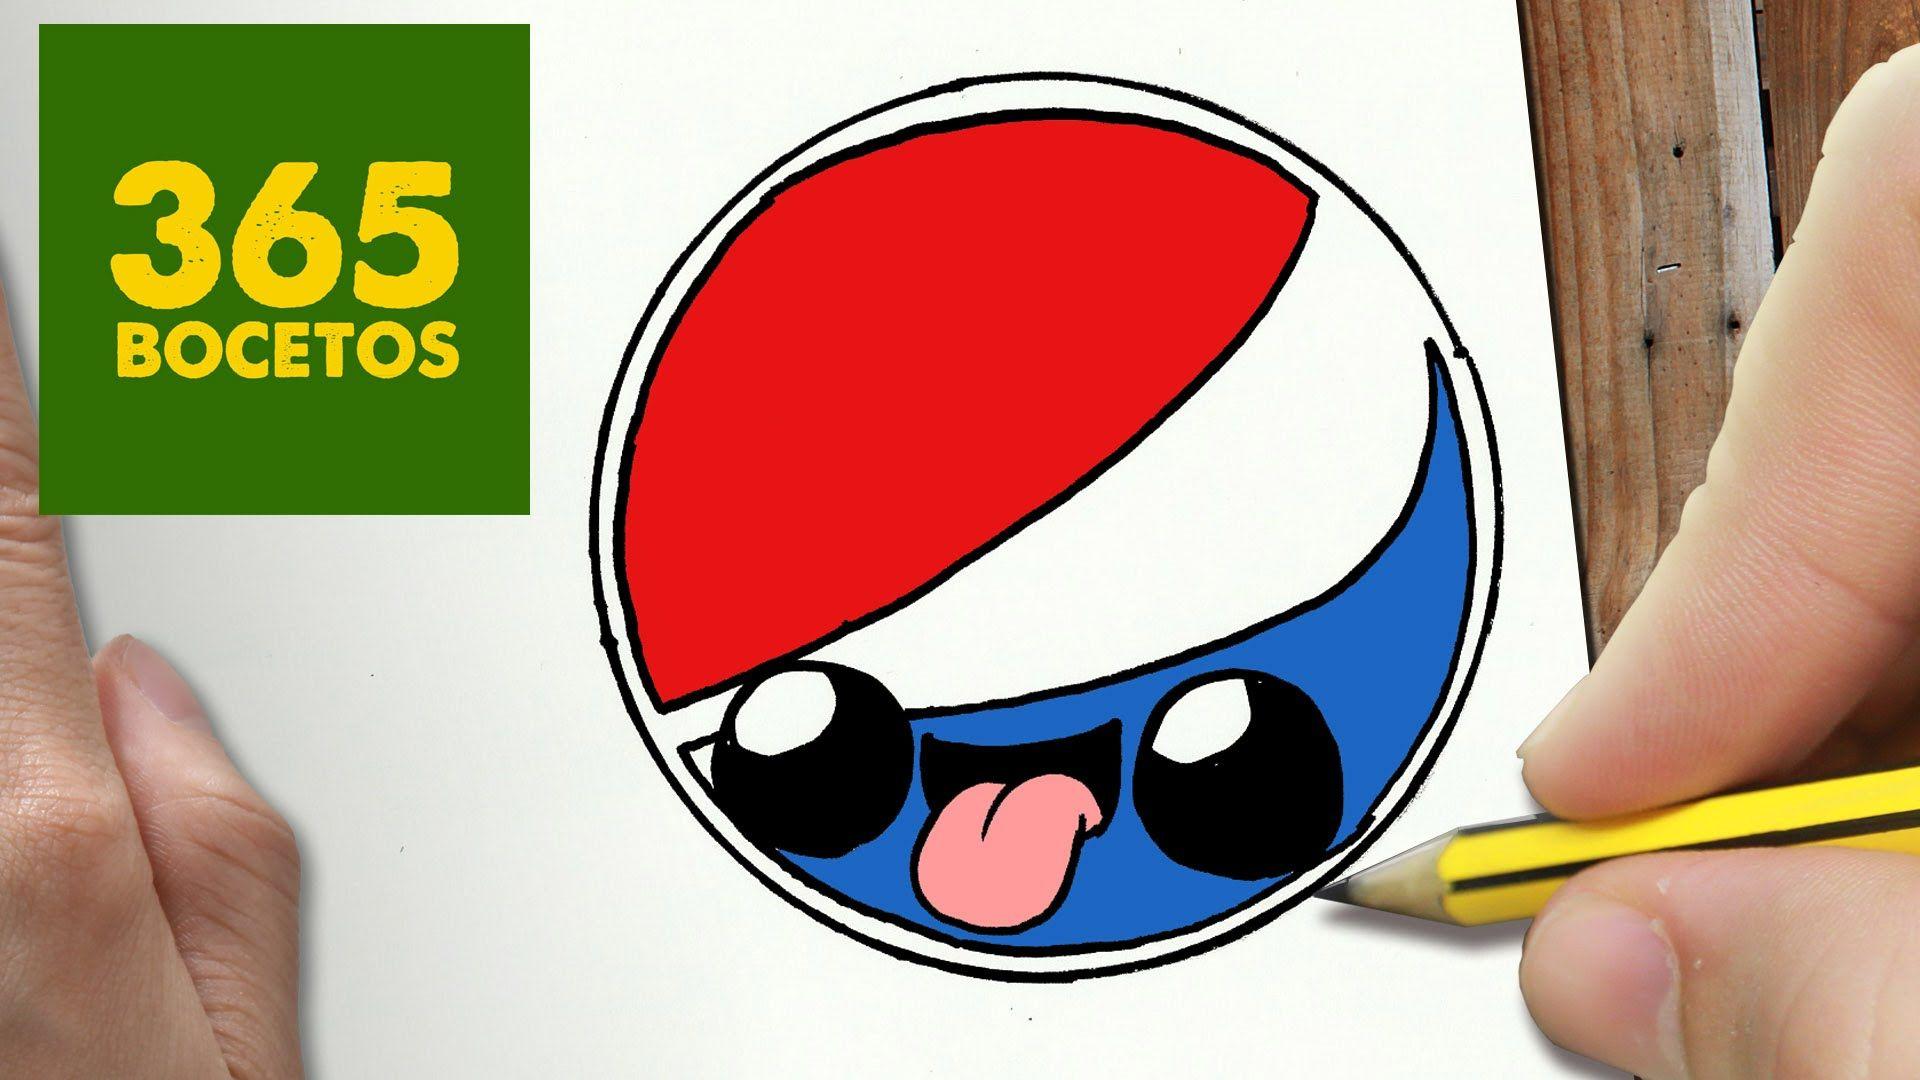 365bocetos Gmail Buscar Con Google Cute Kawaii Drawings Kawaii Doodles Kawaii Drawings